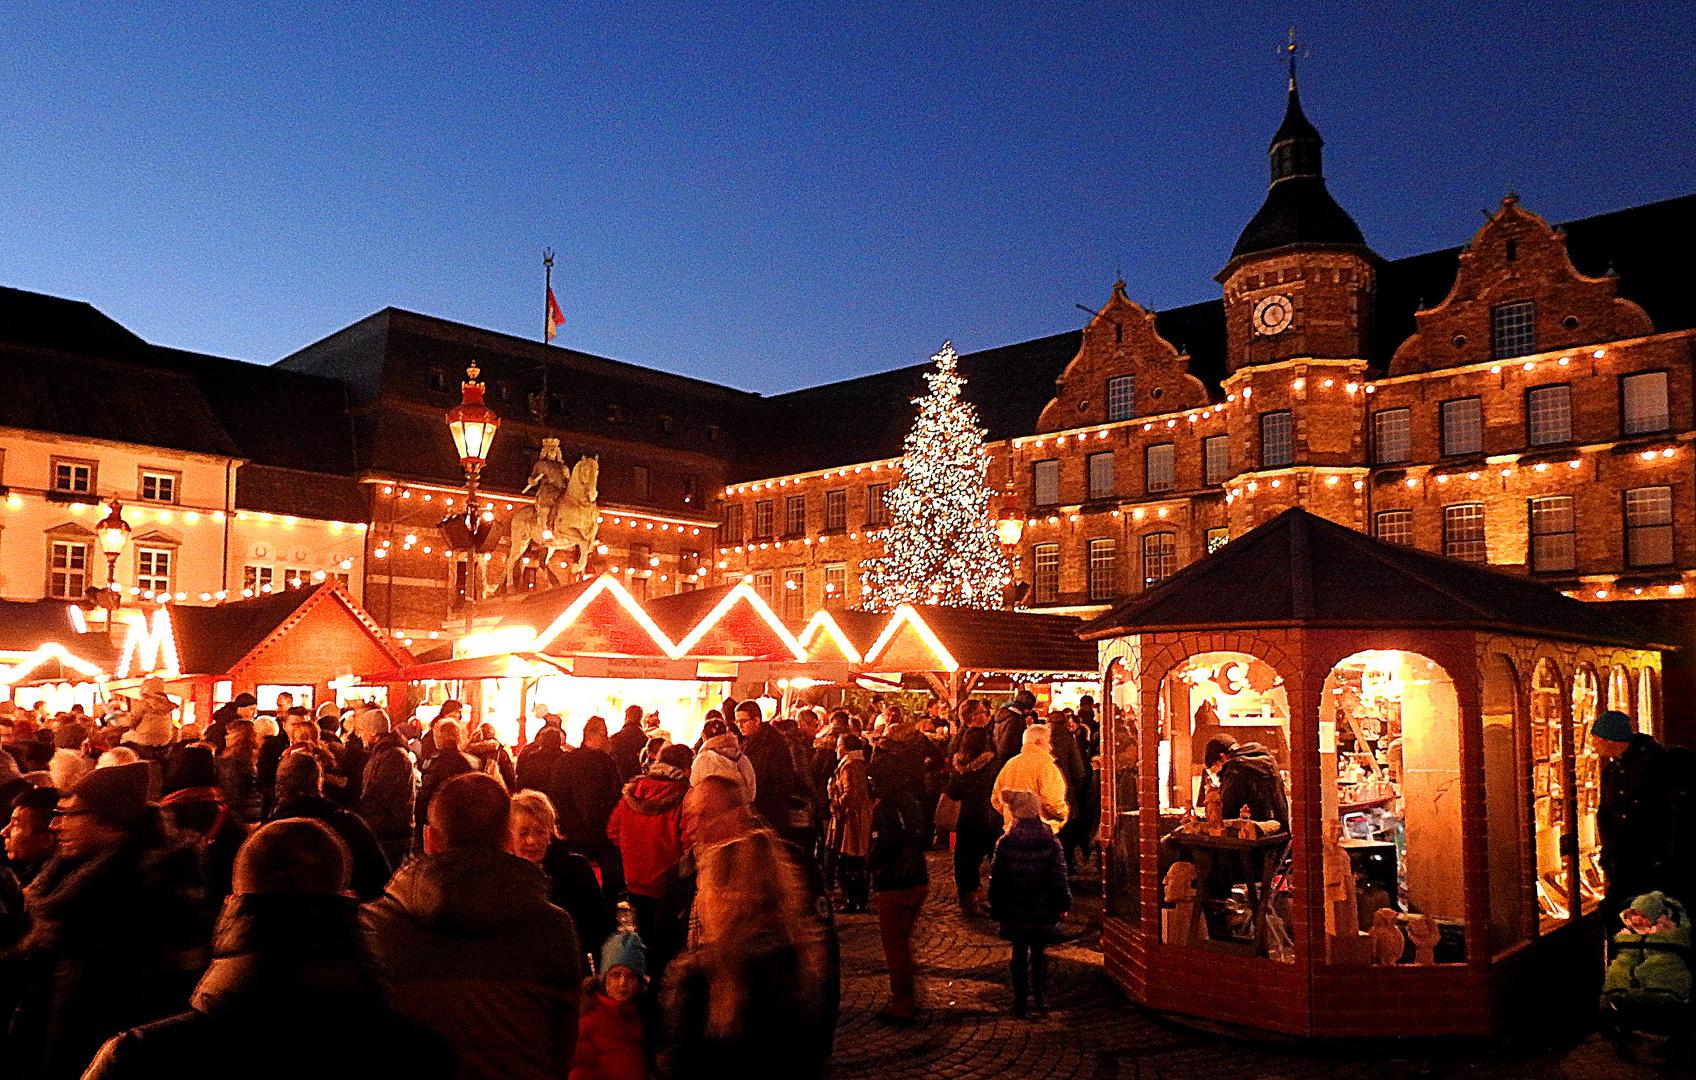 Weihnachtsmarkt in der Düsseldorfer Altstadt